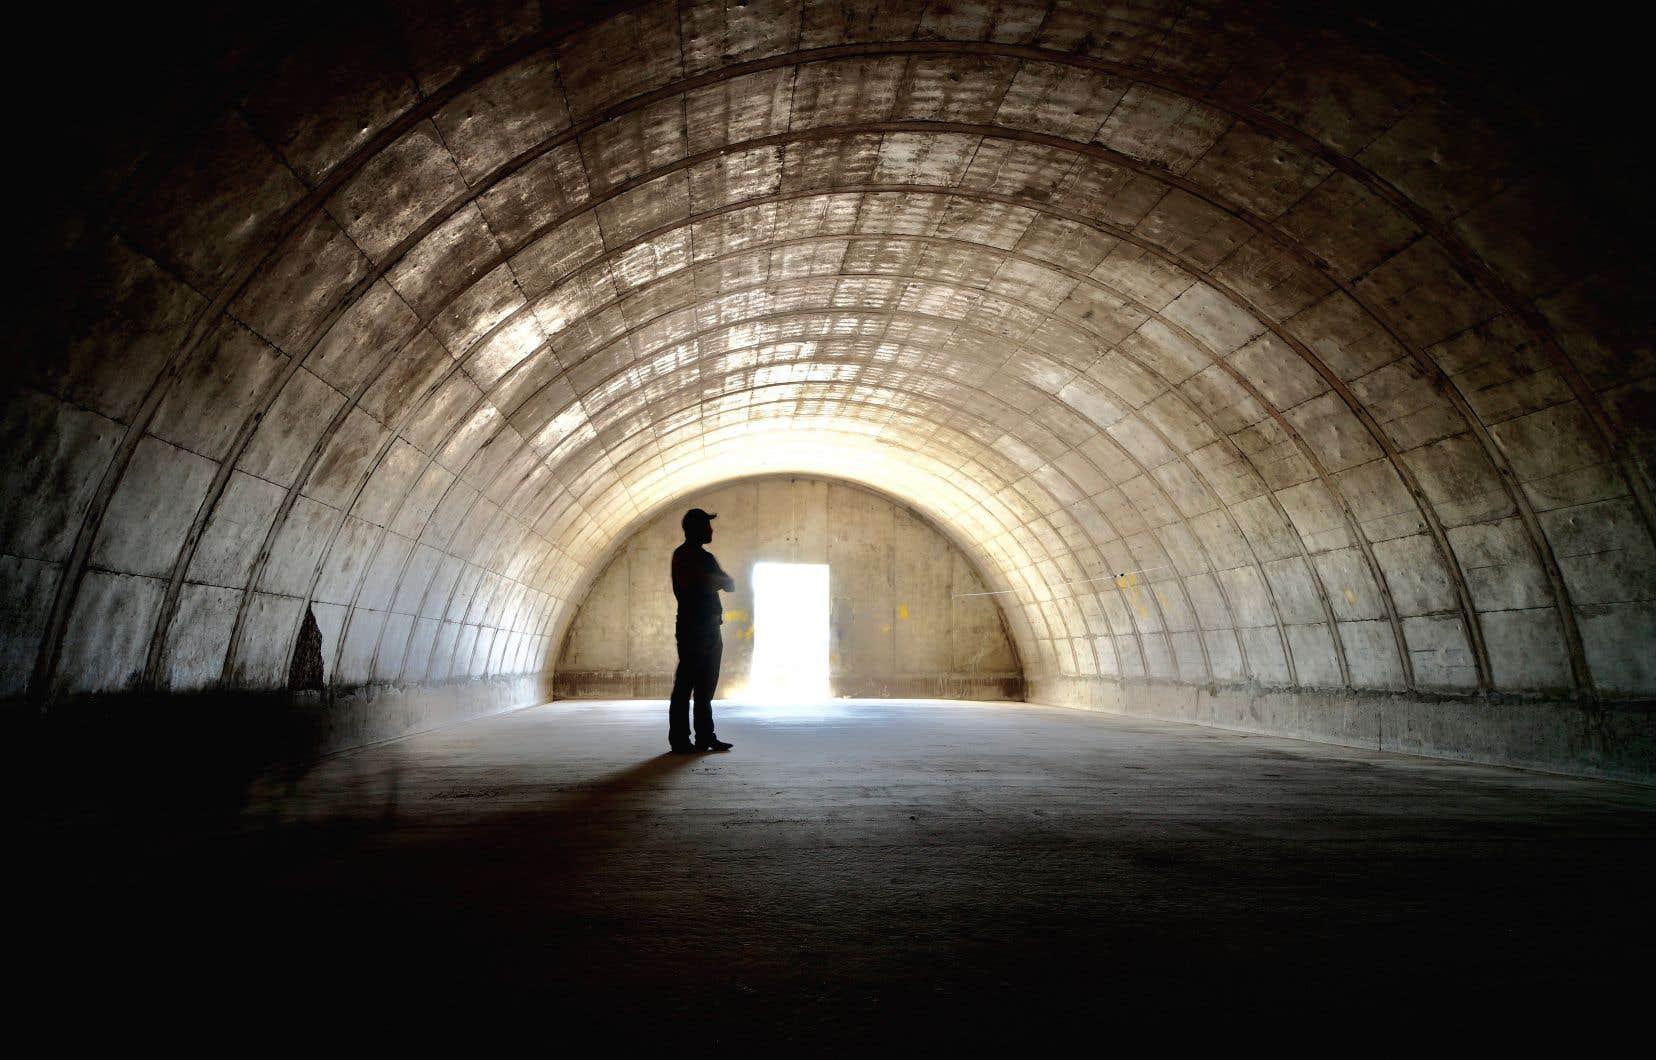 Intérieur d'un bunker de la compagnie Vivos avec en son centre le gardien du site, Grady O'Bryan. Un seul bunker pourrait accueillir entre10 et 20 personnes.